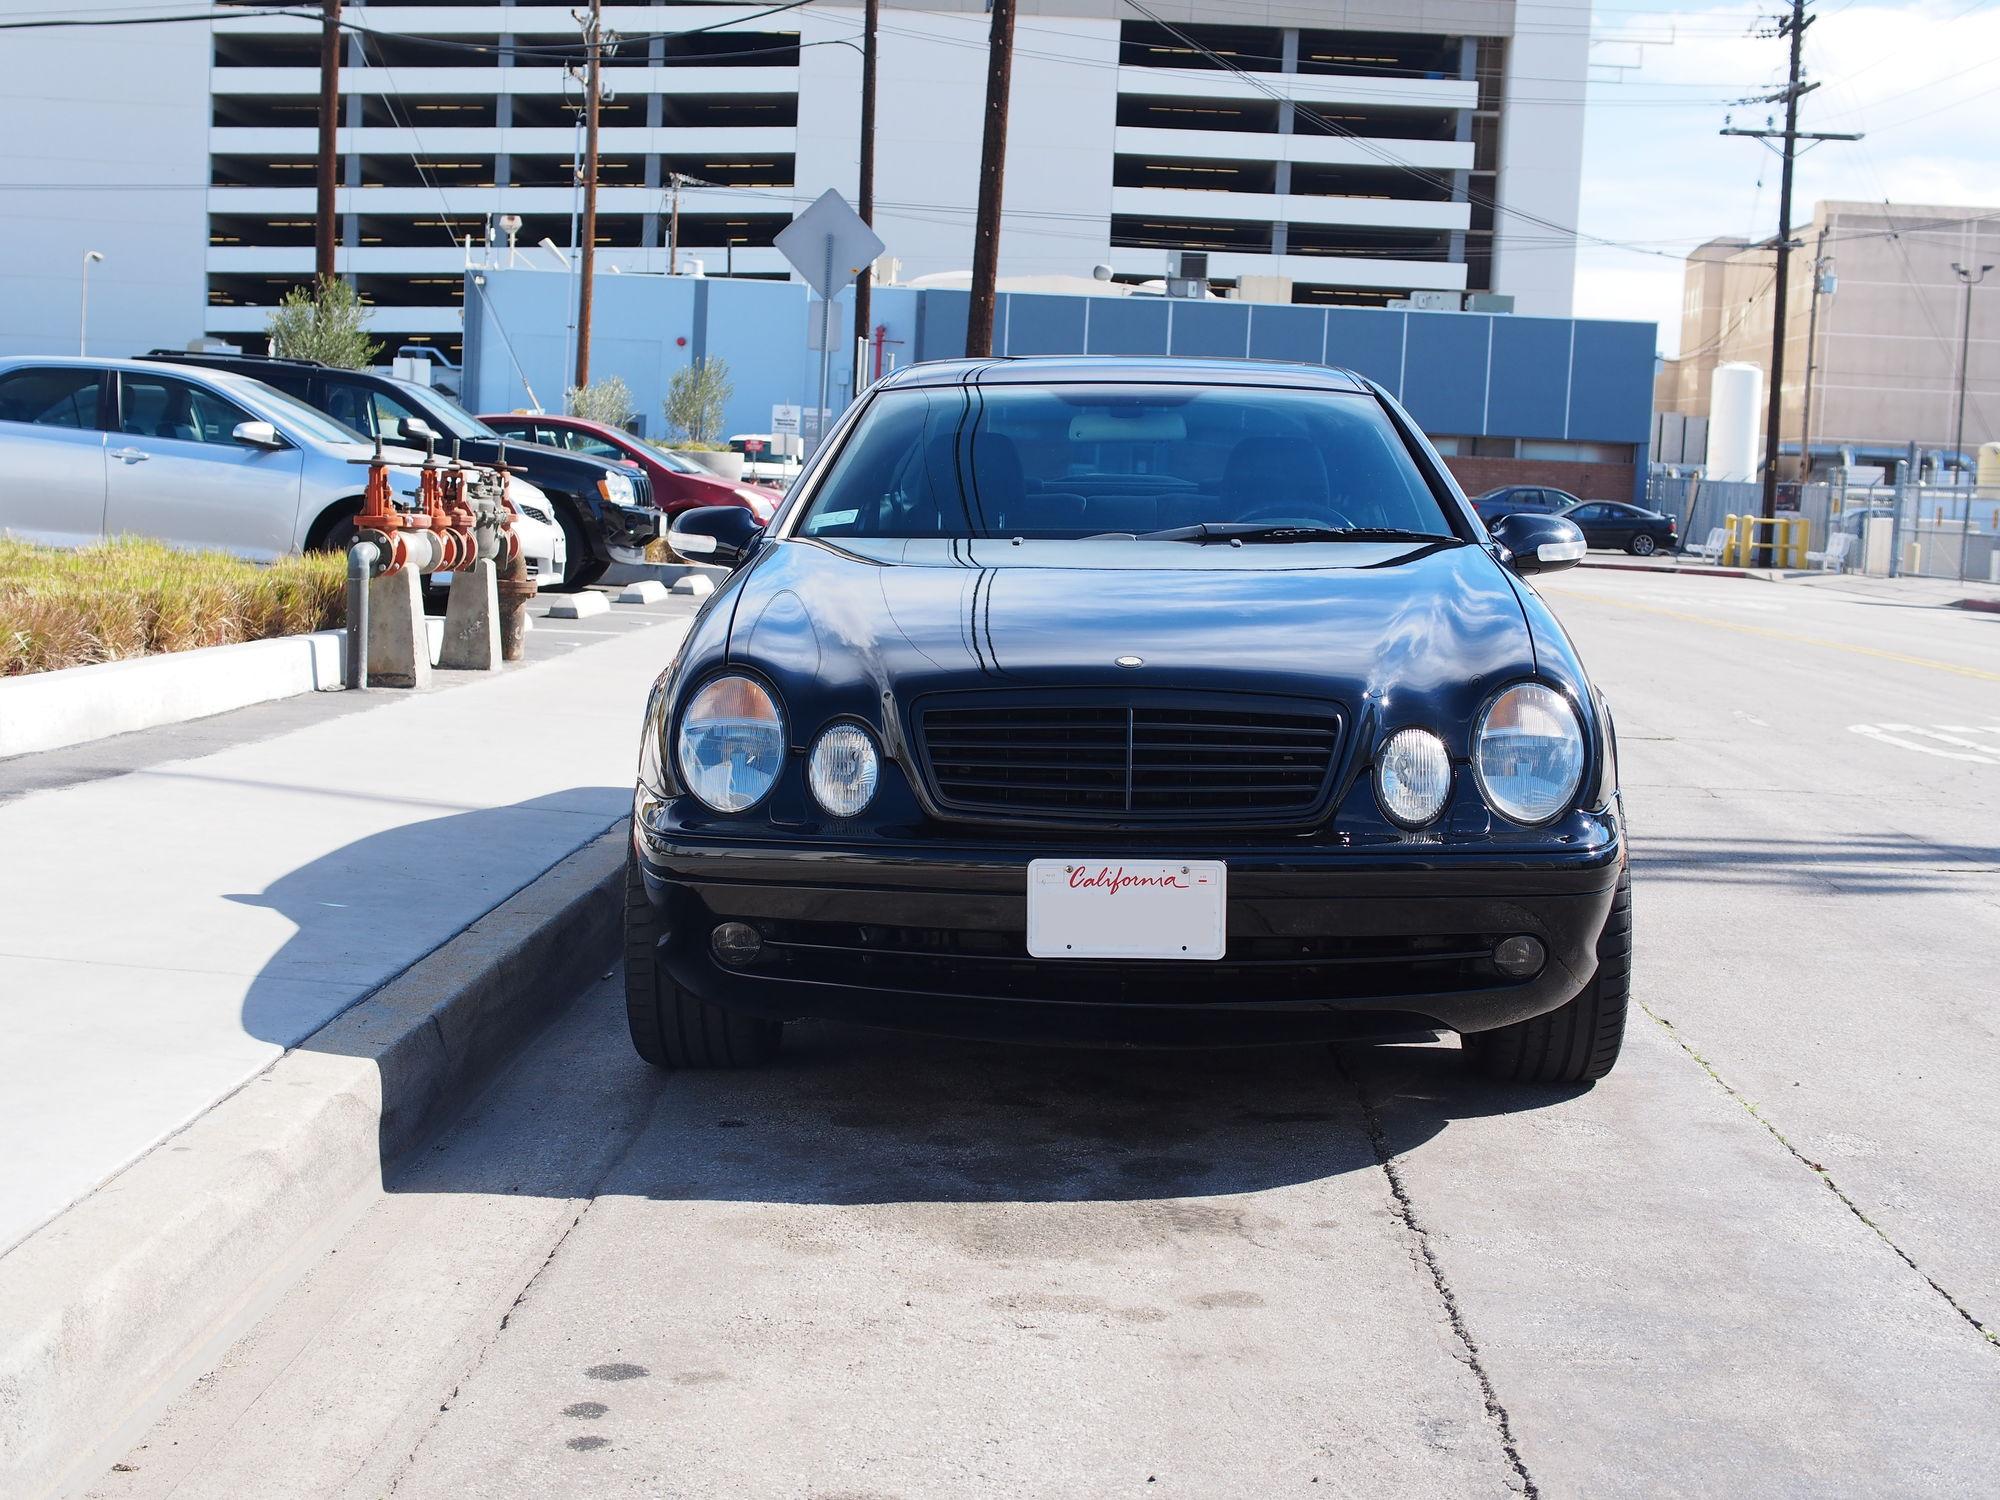 2001 mercedes benz clk 55 amg coupe black california garage kept rare 18 wheels kl mbworld. Black Bedroom Furniture Sets. Home Design Ideas